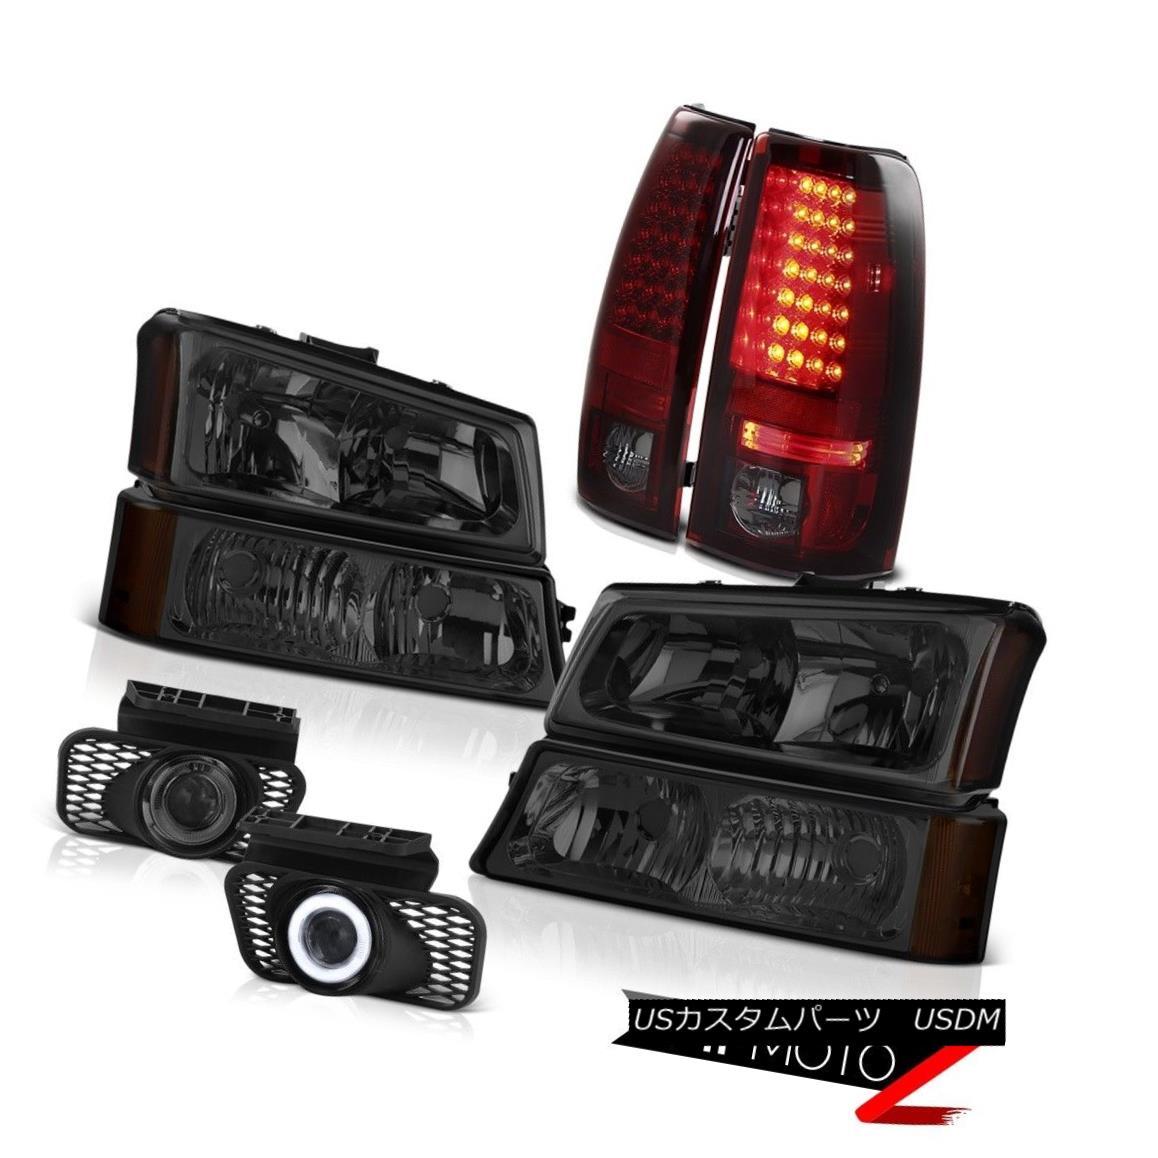 ヘッドライト Tinted Headlamps Signal LED Bulb Taillight Projector Fog 03-06 Silverado 4.3L V6 ティンテッドヘッドランプ信号LEDバルブテールライトプロジェクターフォグ03-06 Silverado 4.3L V6